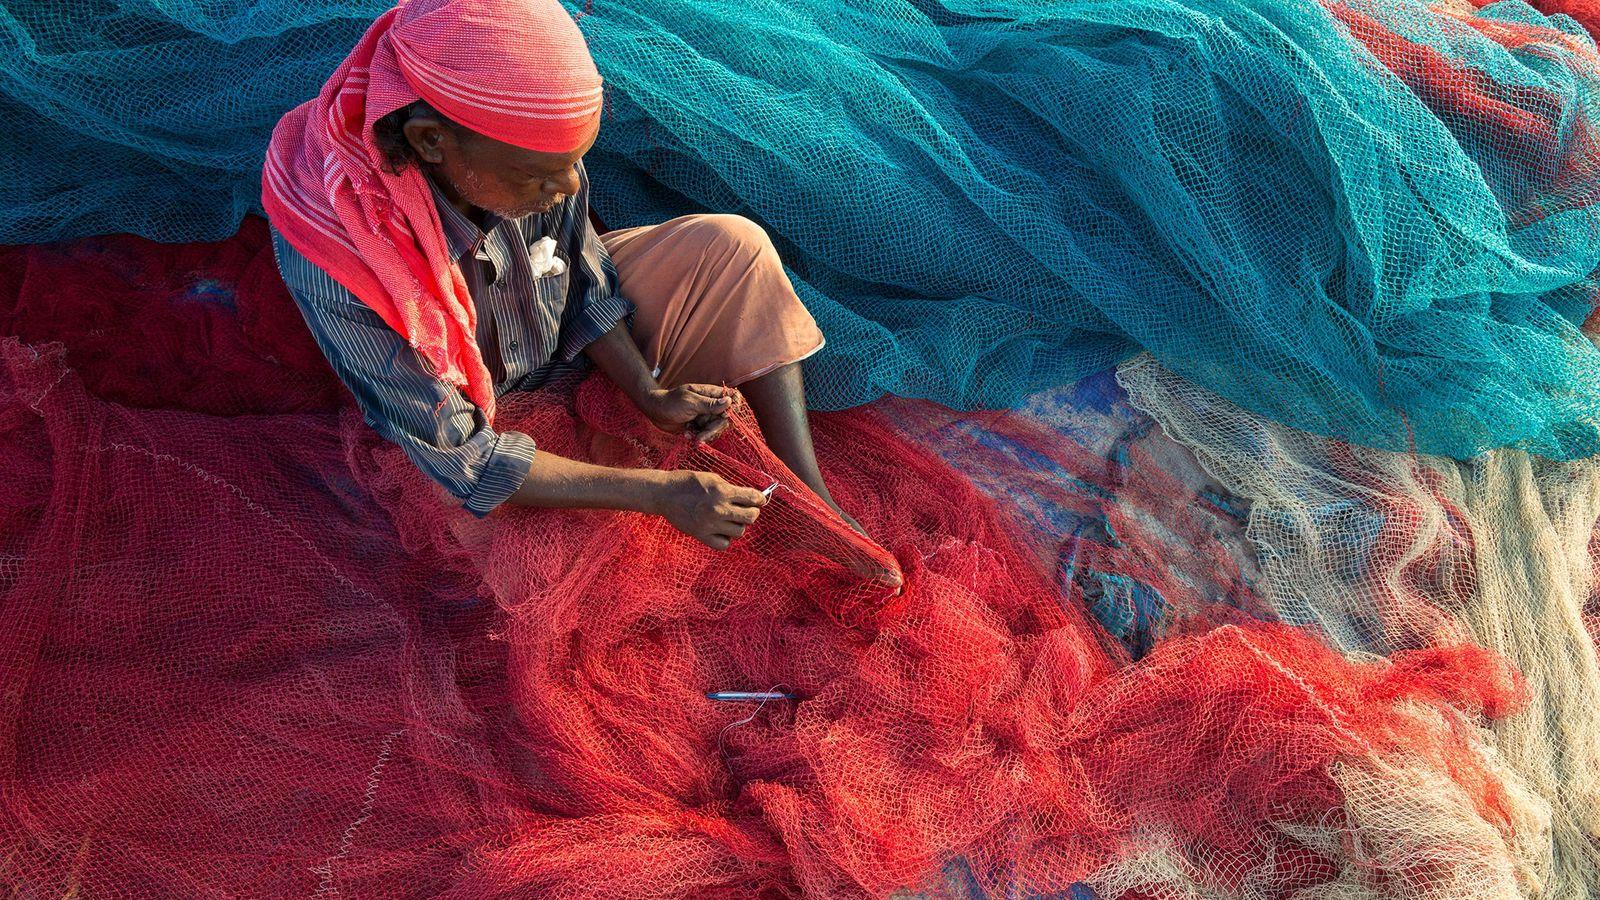 Um pescador em Kerala, Índia, conserta redes na praia. A poluição plástica pode danificar obstruir as ...